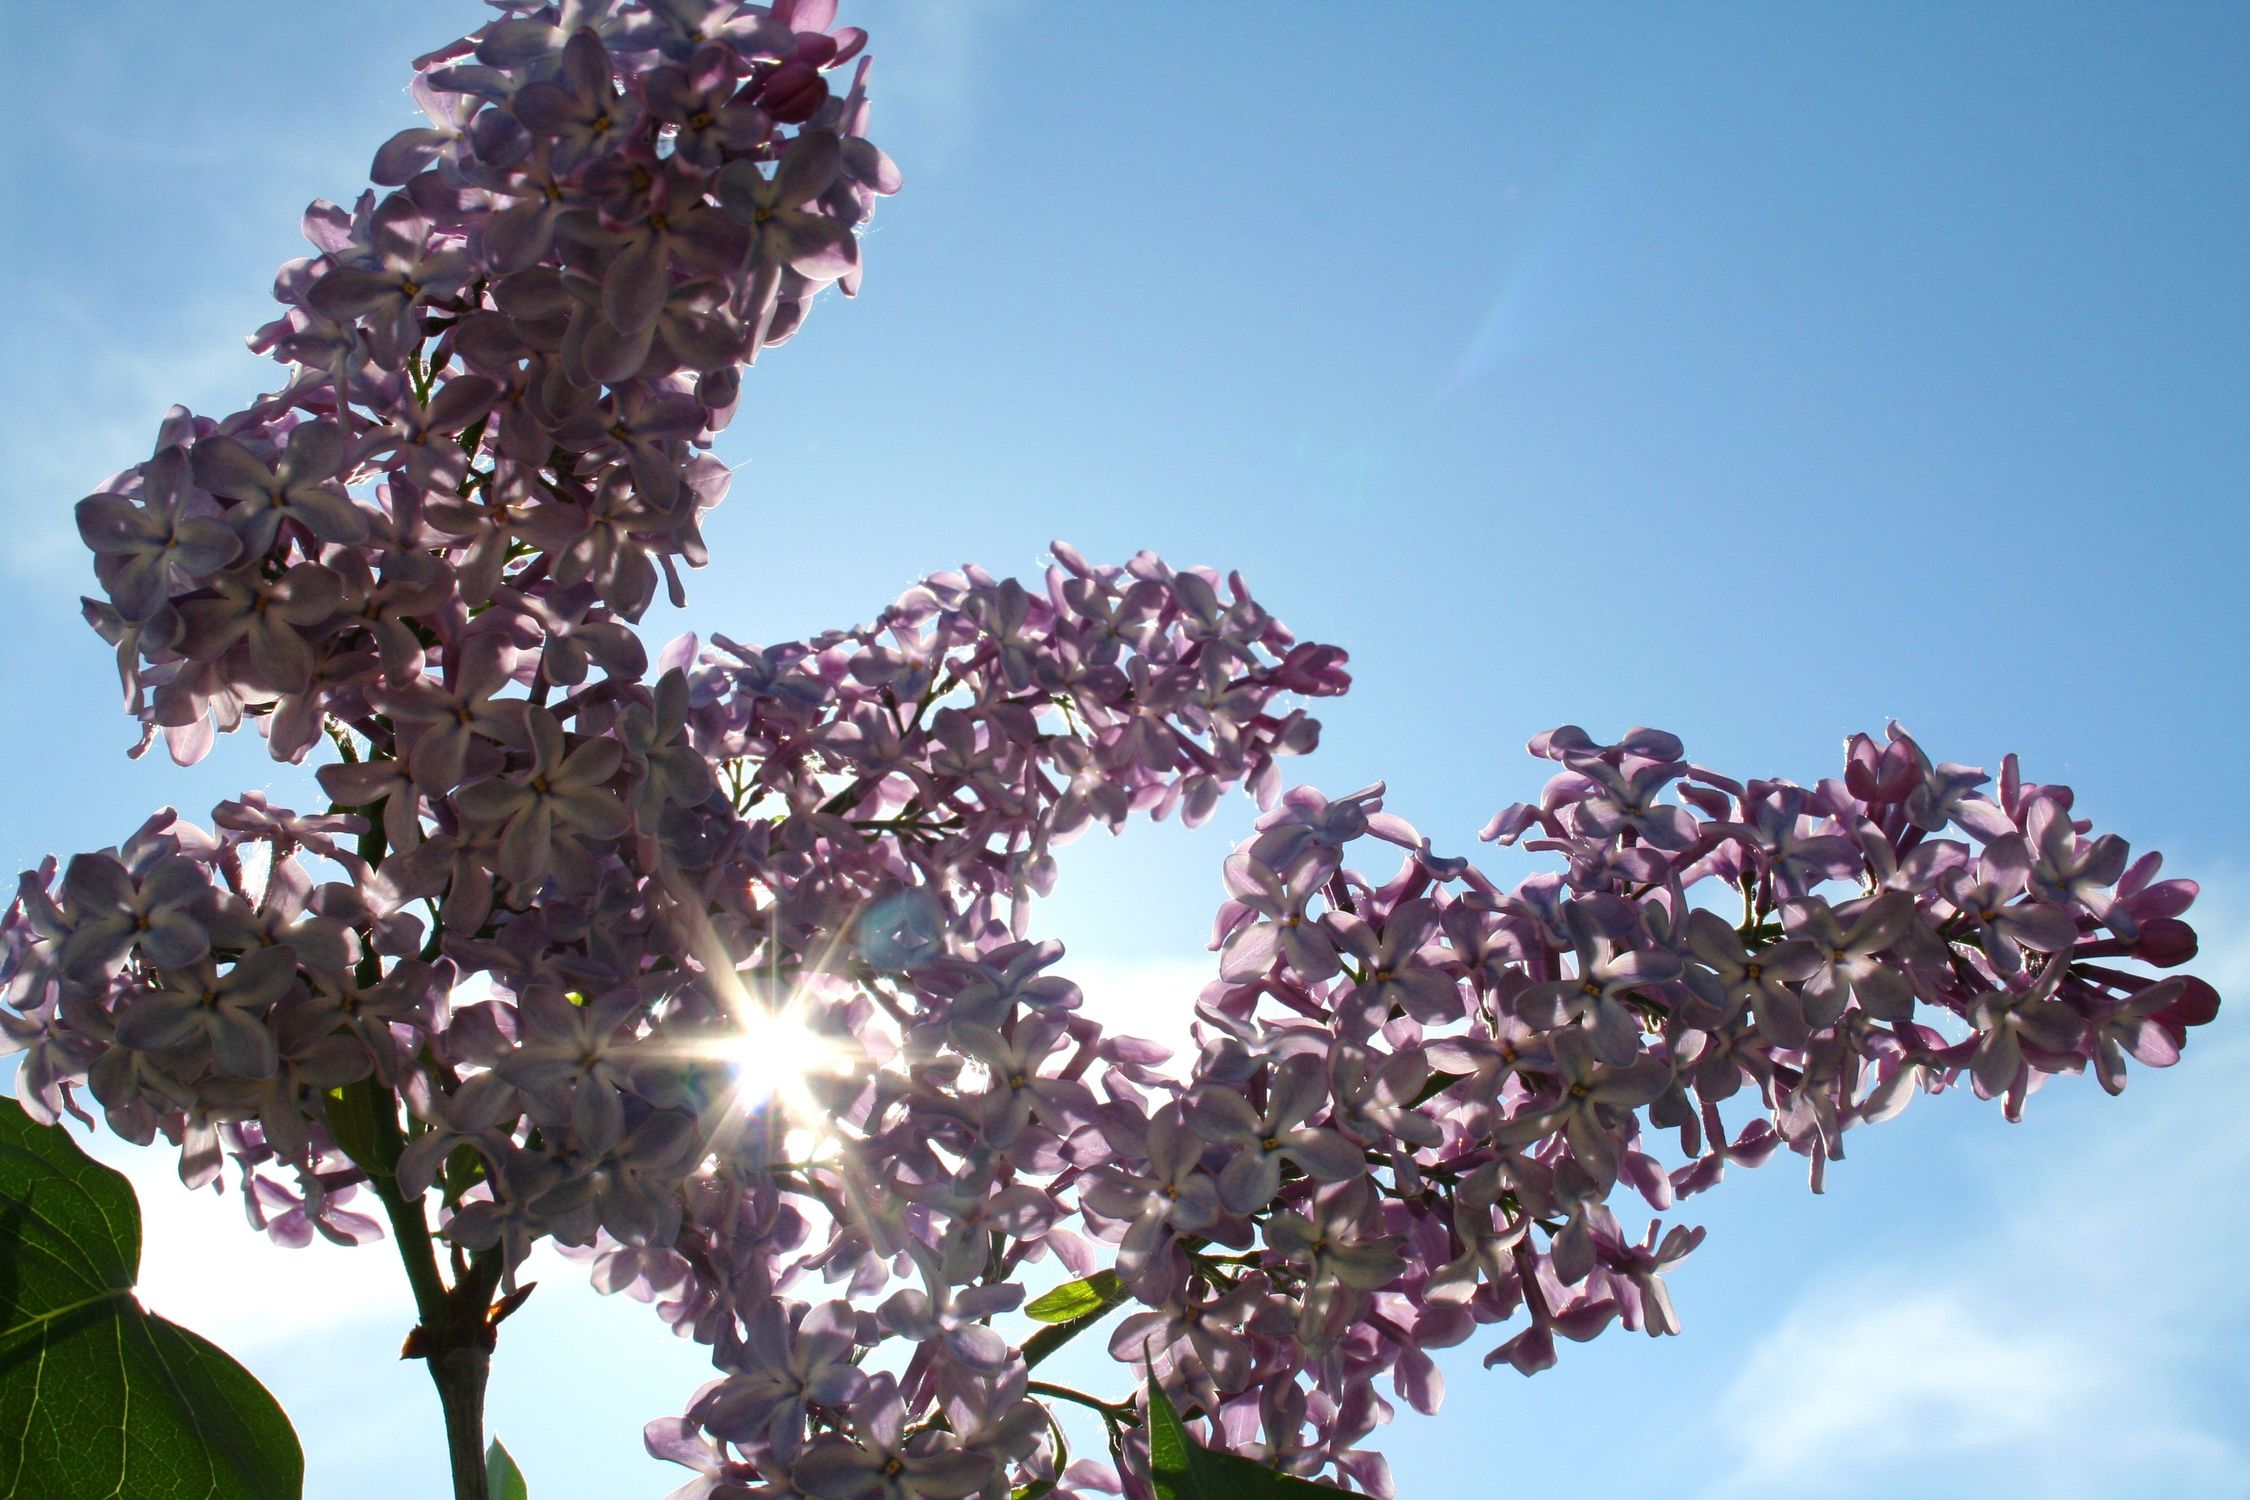 Bild mit Farben, Natur, Pflanzen, Himmel, Bäume, Jahreszeiten, Blumen, Lila, Frühling, flieder